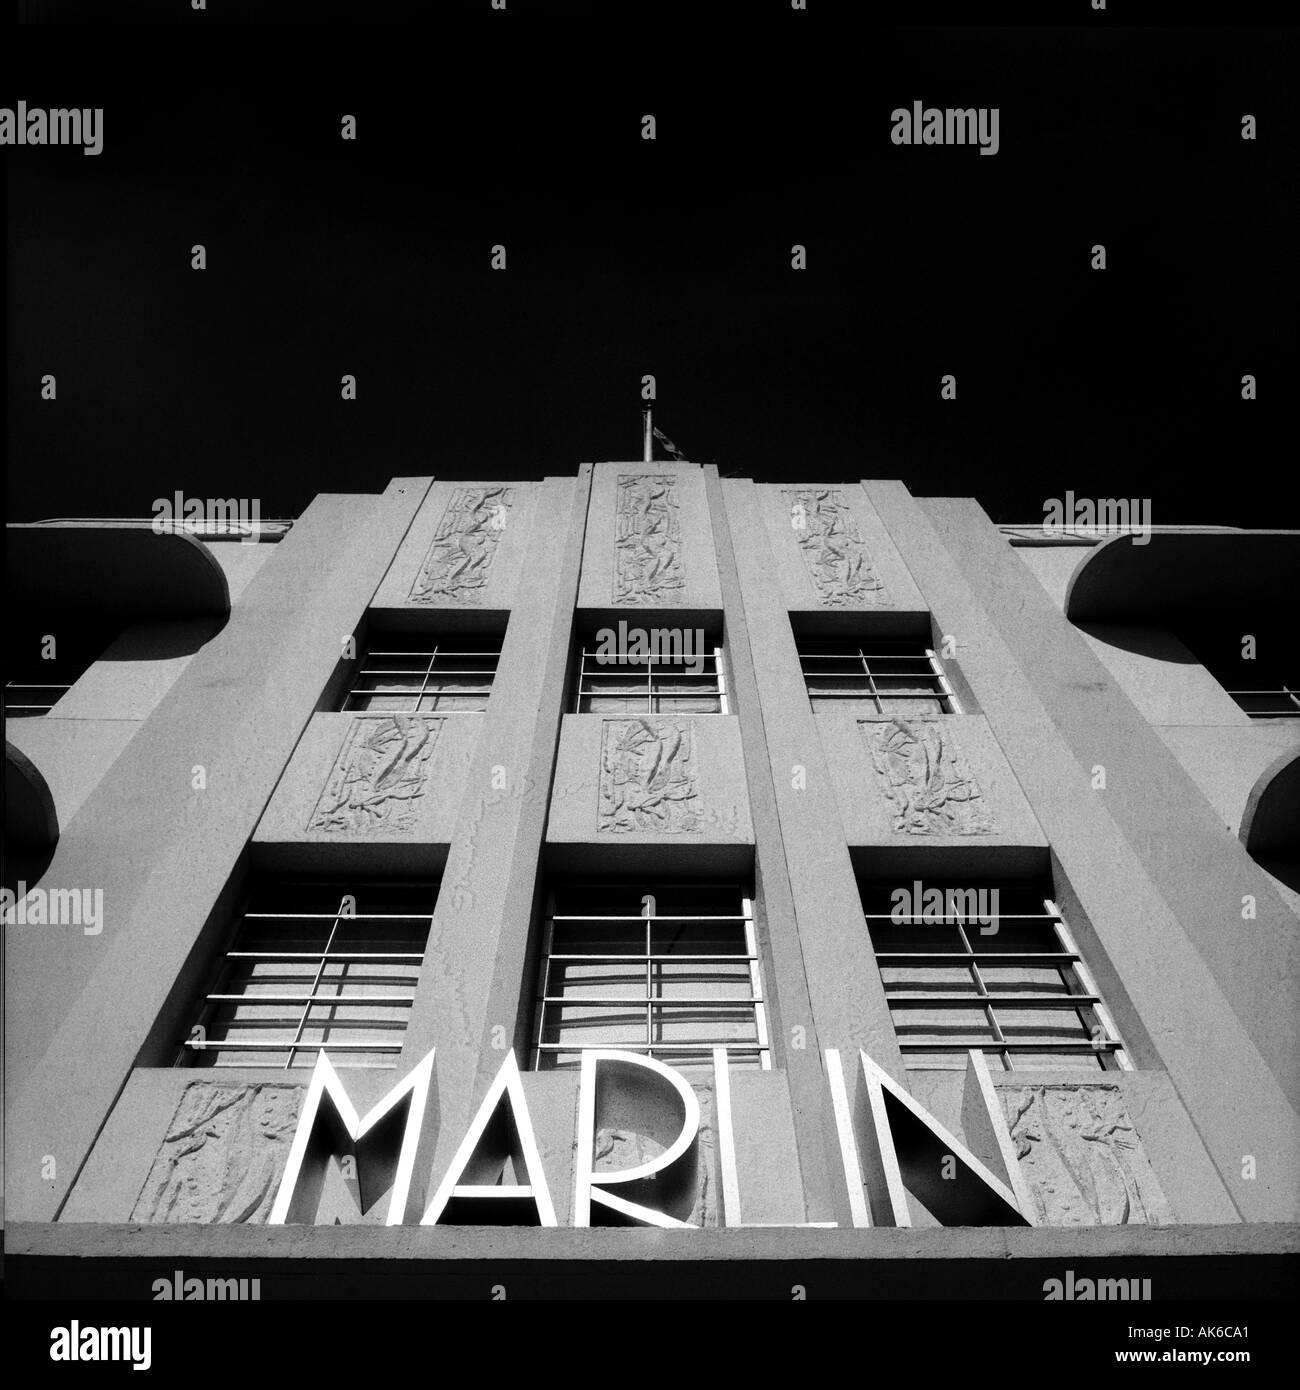 Façade de l'hôtel Marlin à Miami s quartier Art déco de South Beach Banque D'Images